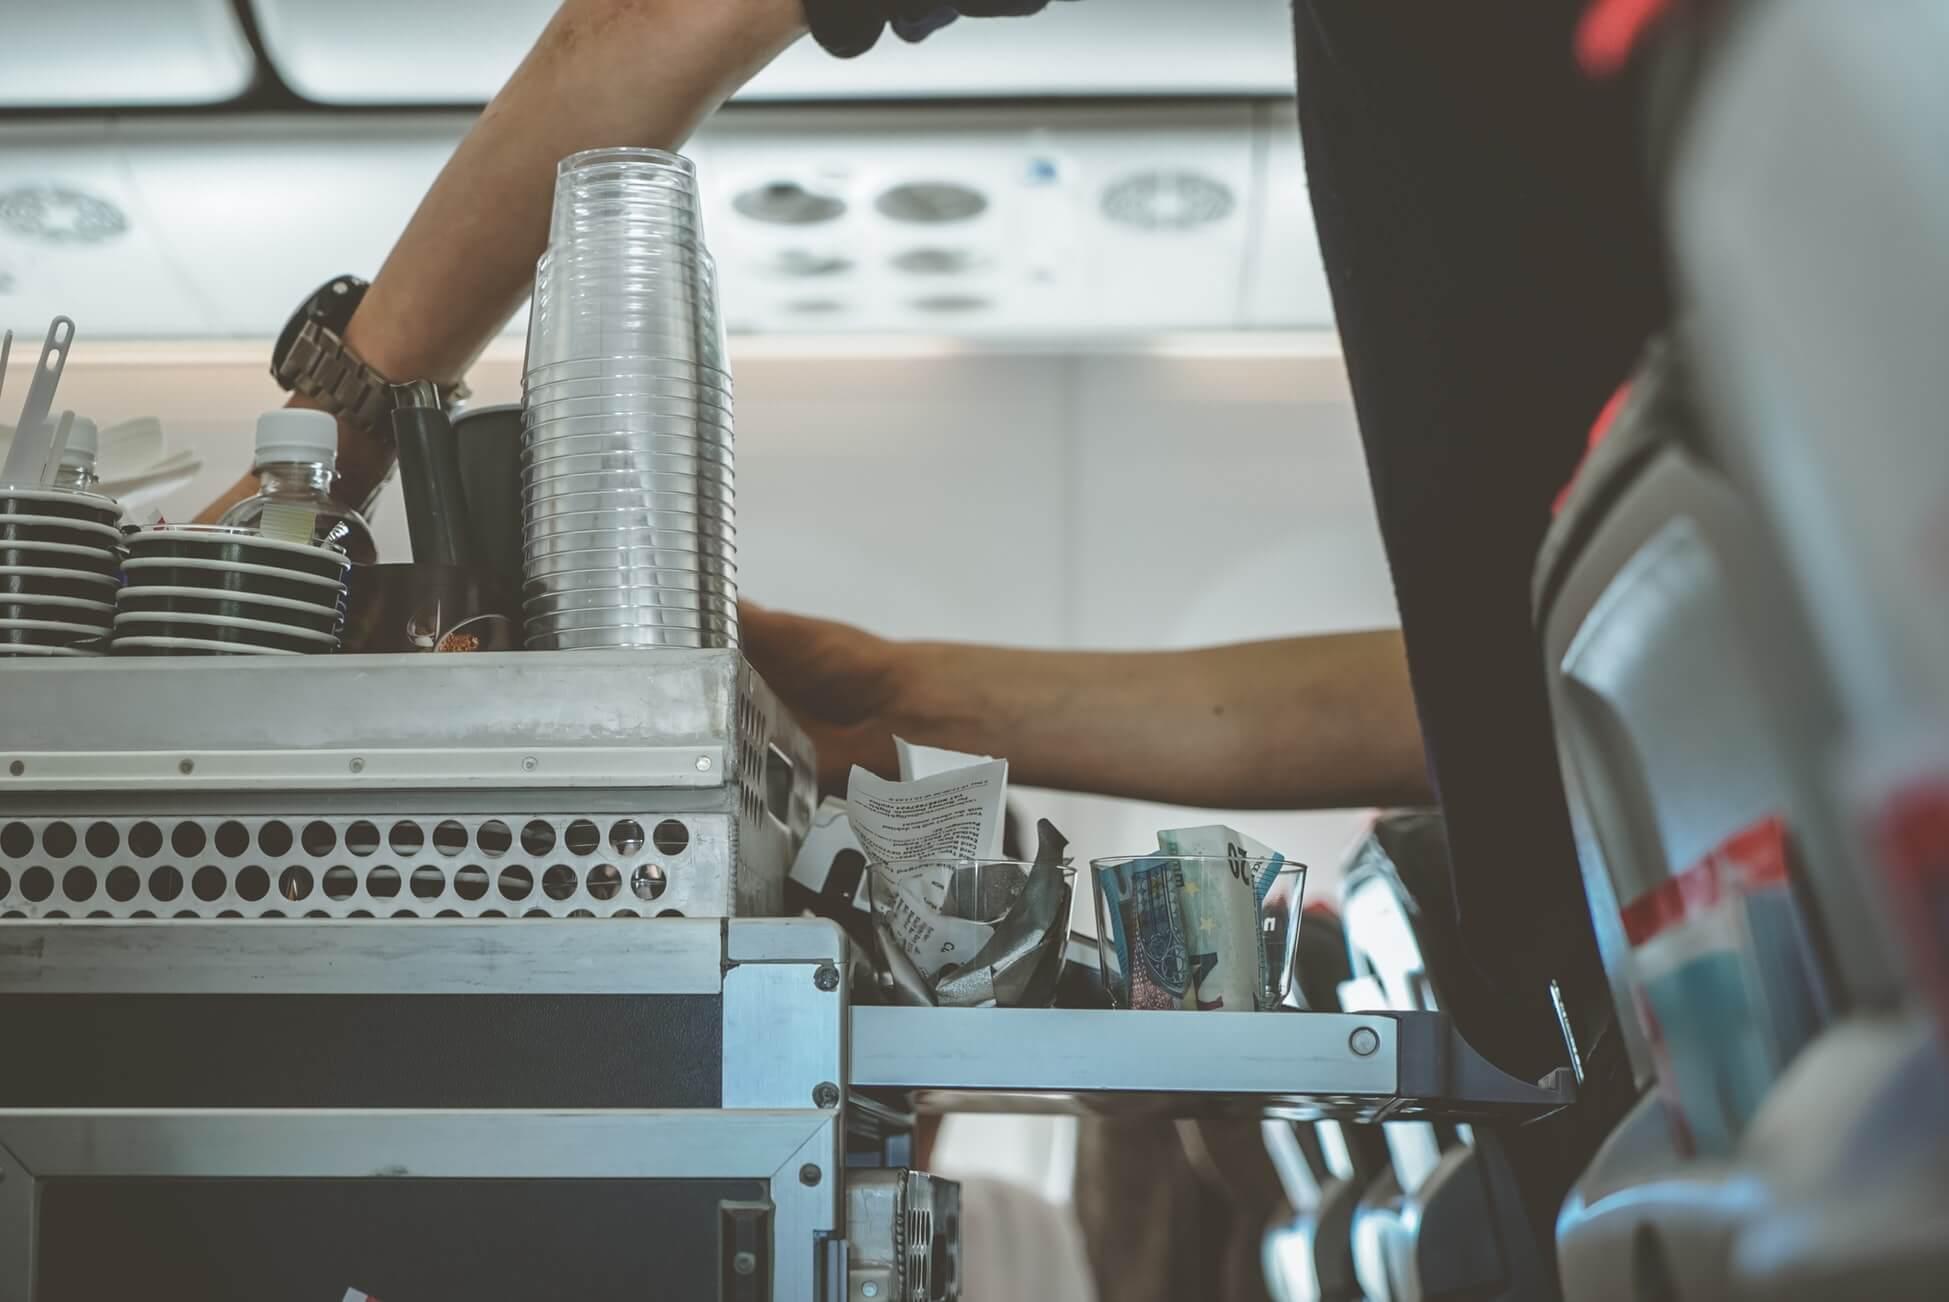 Поясним за новости: бортпроводники используют кодовые фразы